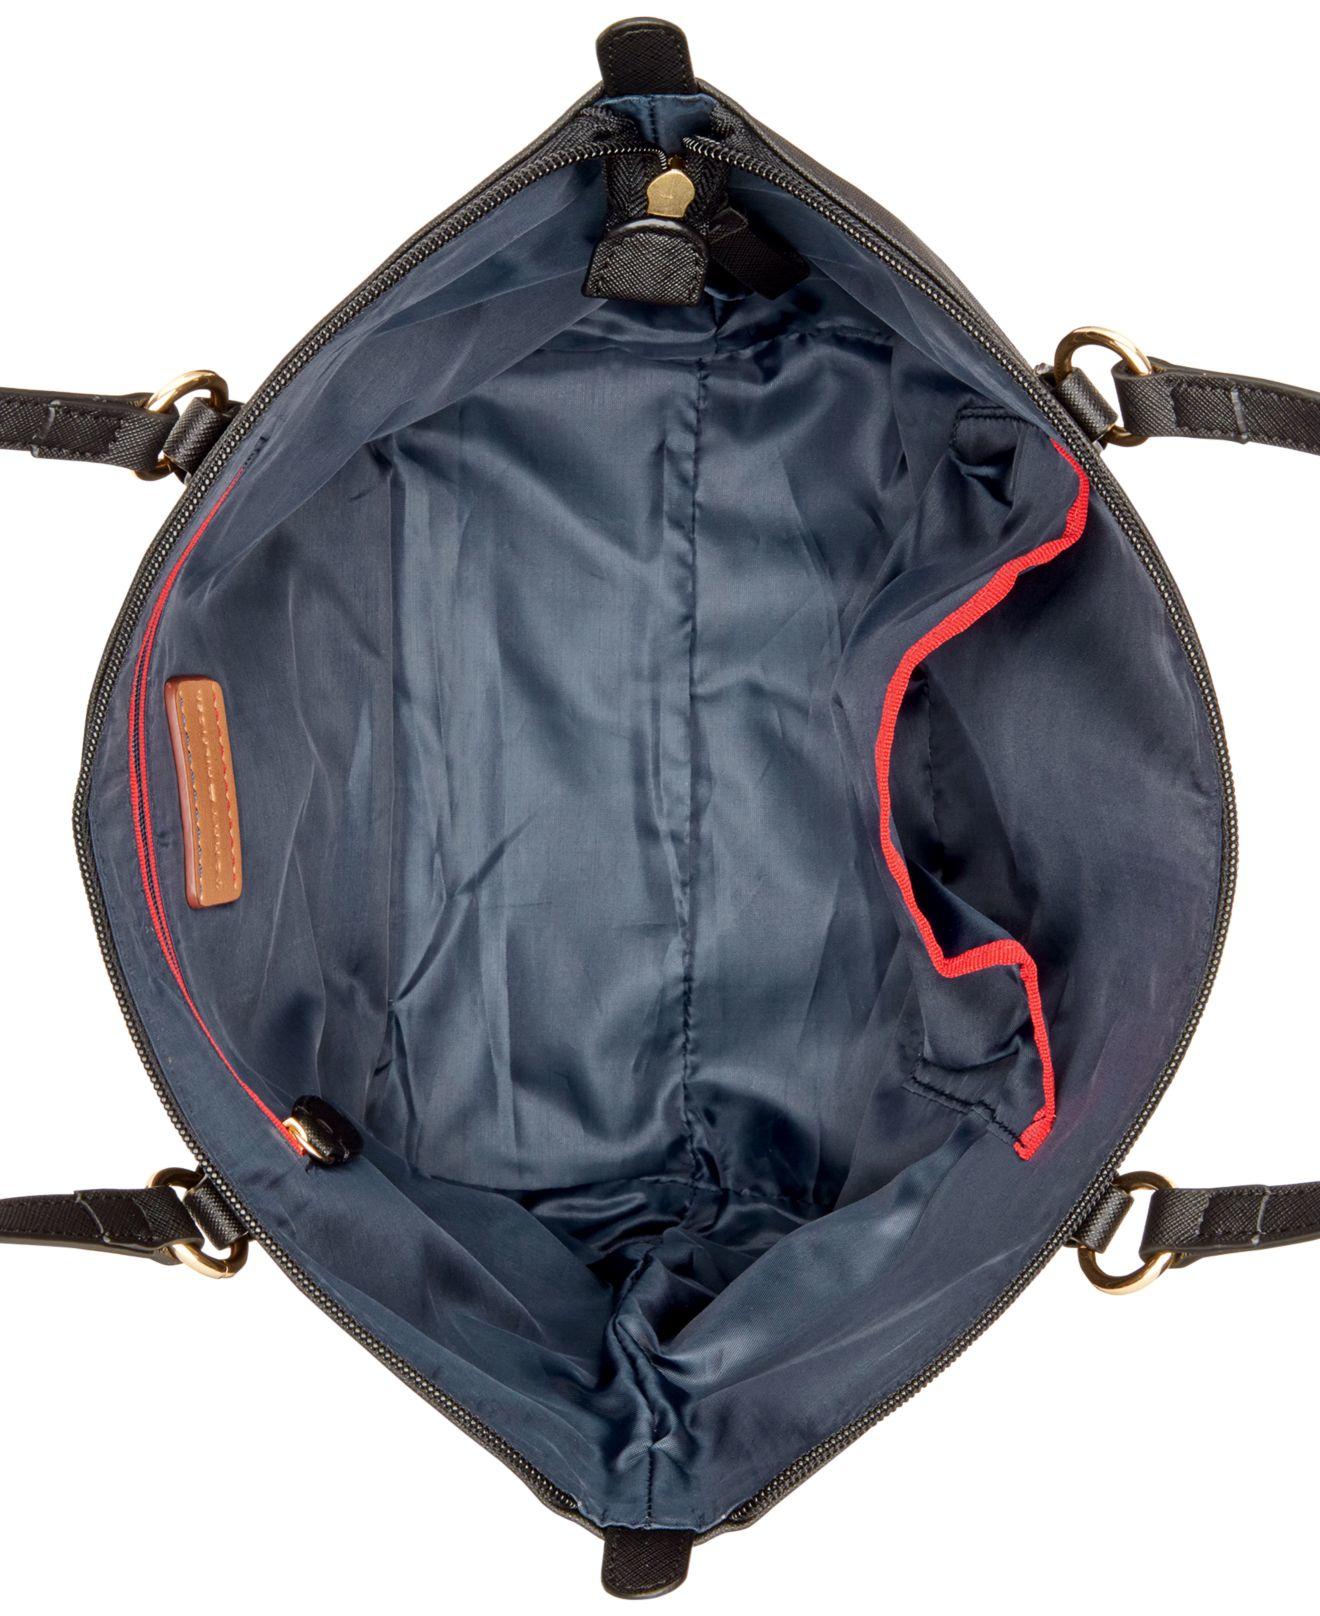 1fb638c50 Tommy Hilfiger Nylon Shopper in Black - Lyst